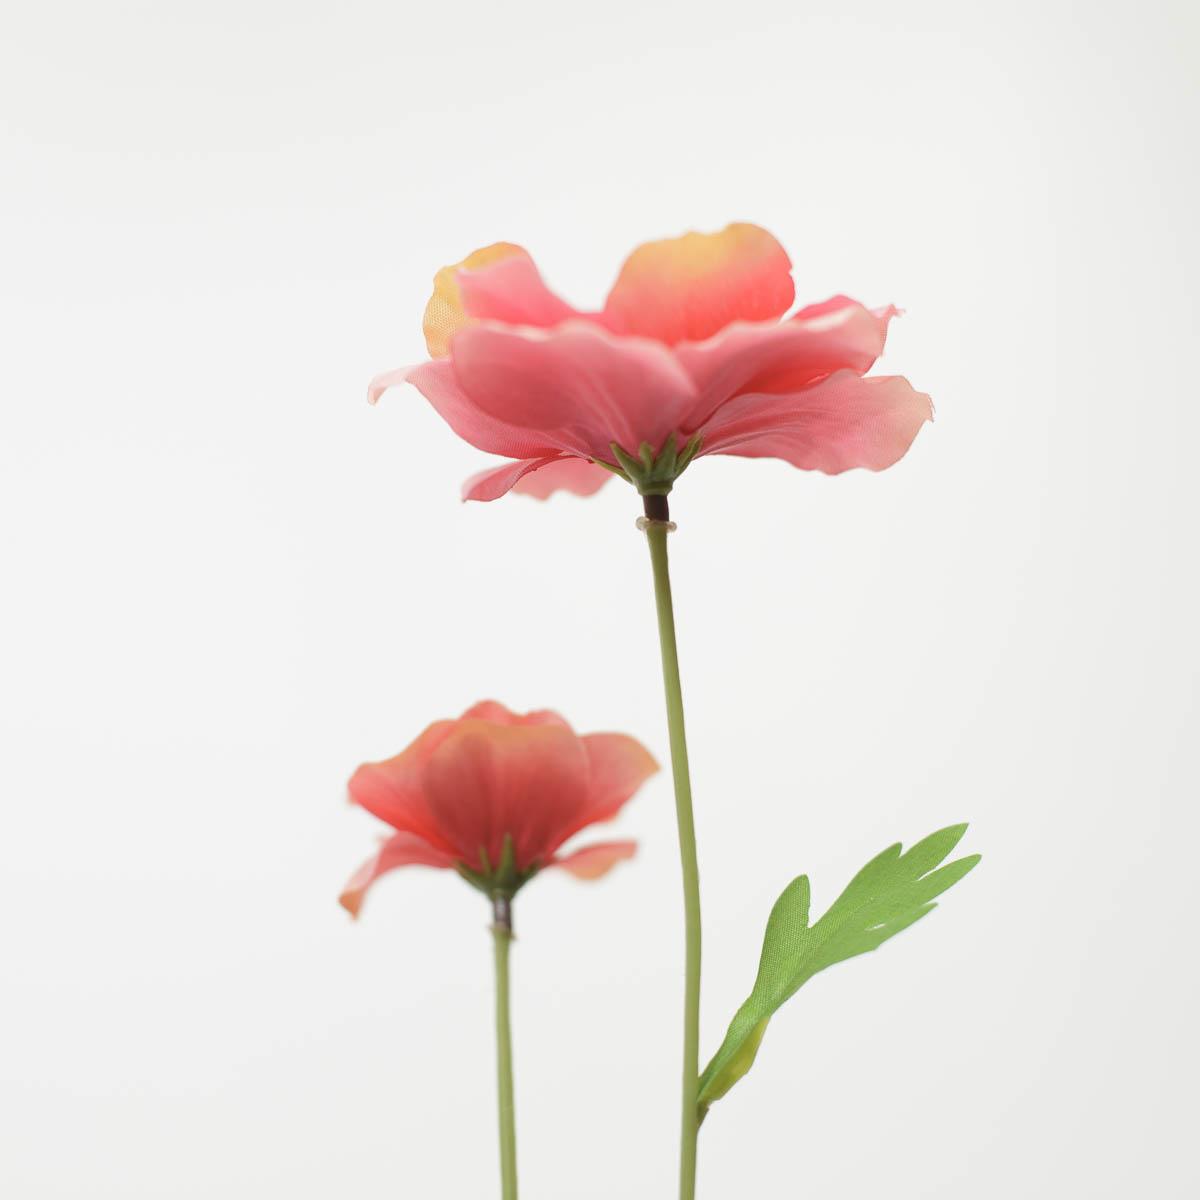 버터플라이 라넌큘러스 꽃 가지 60cm 퓨샤 꽃받침 디테일